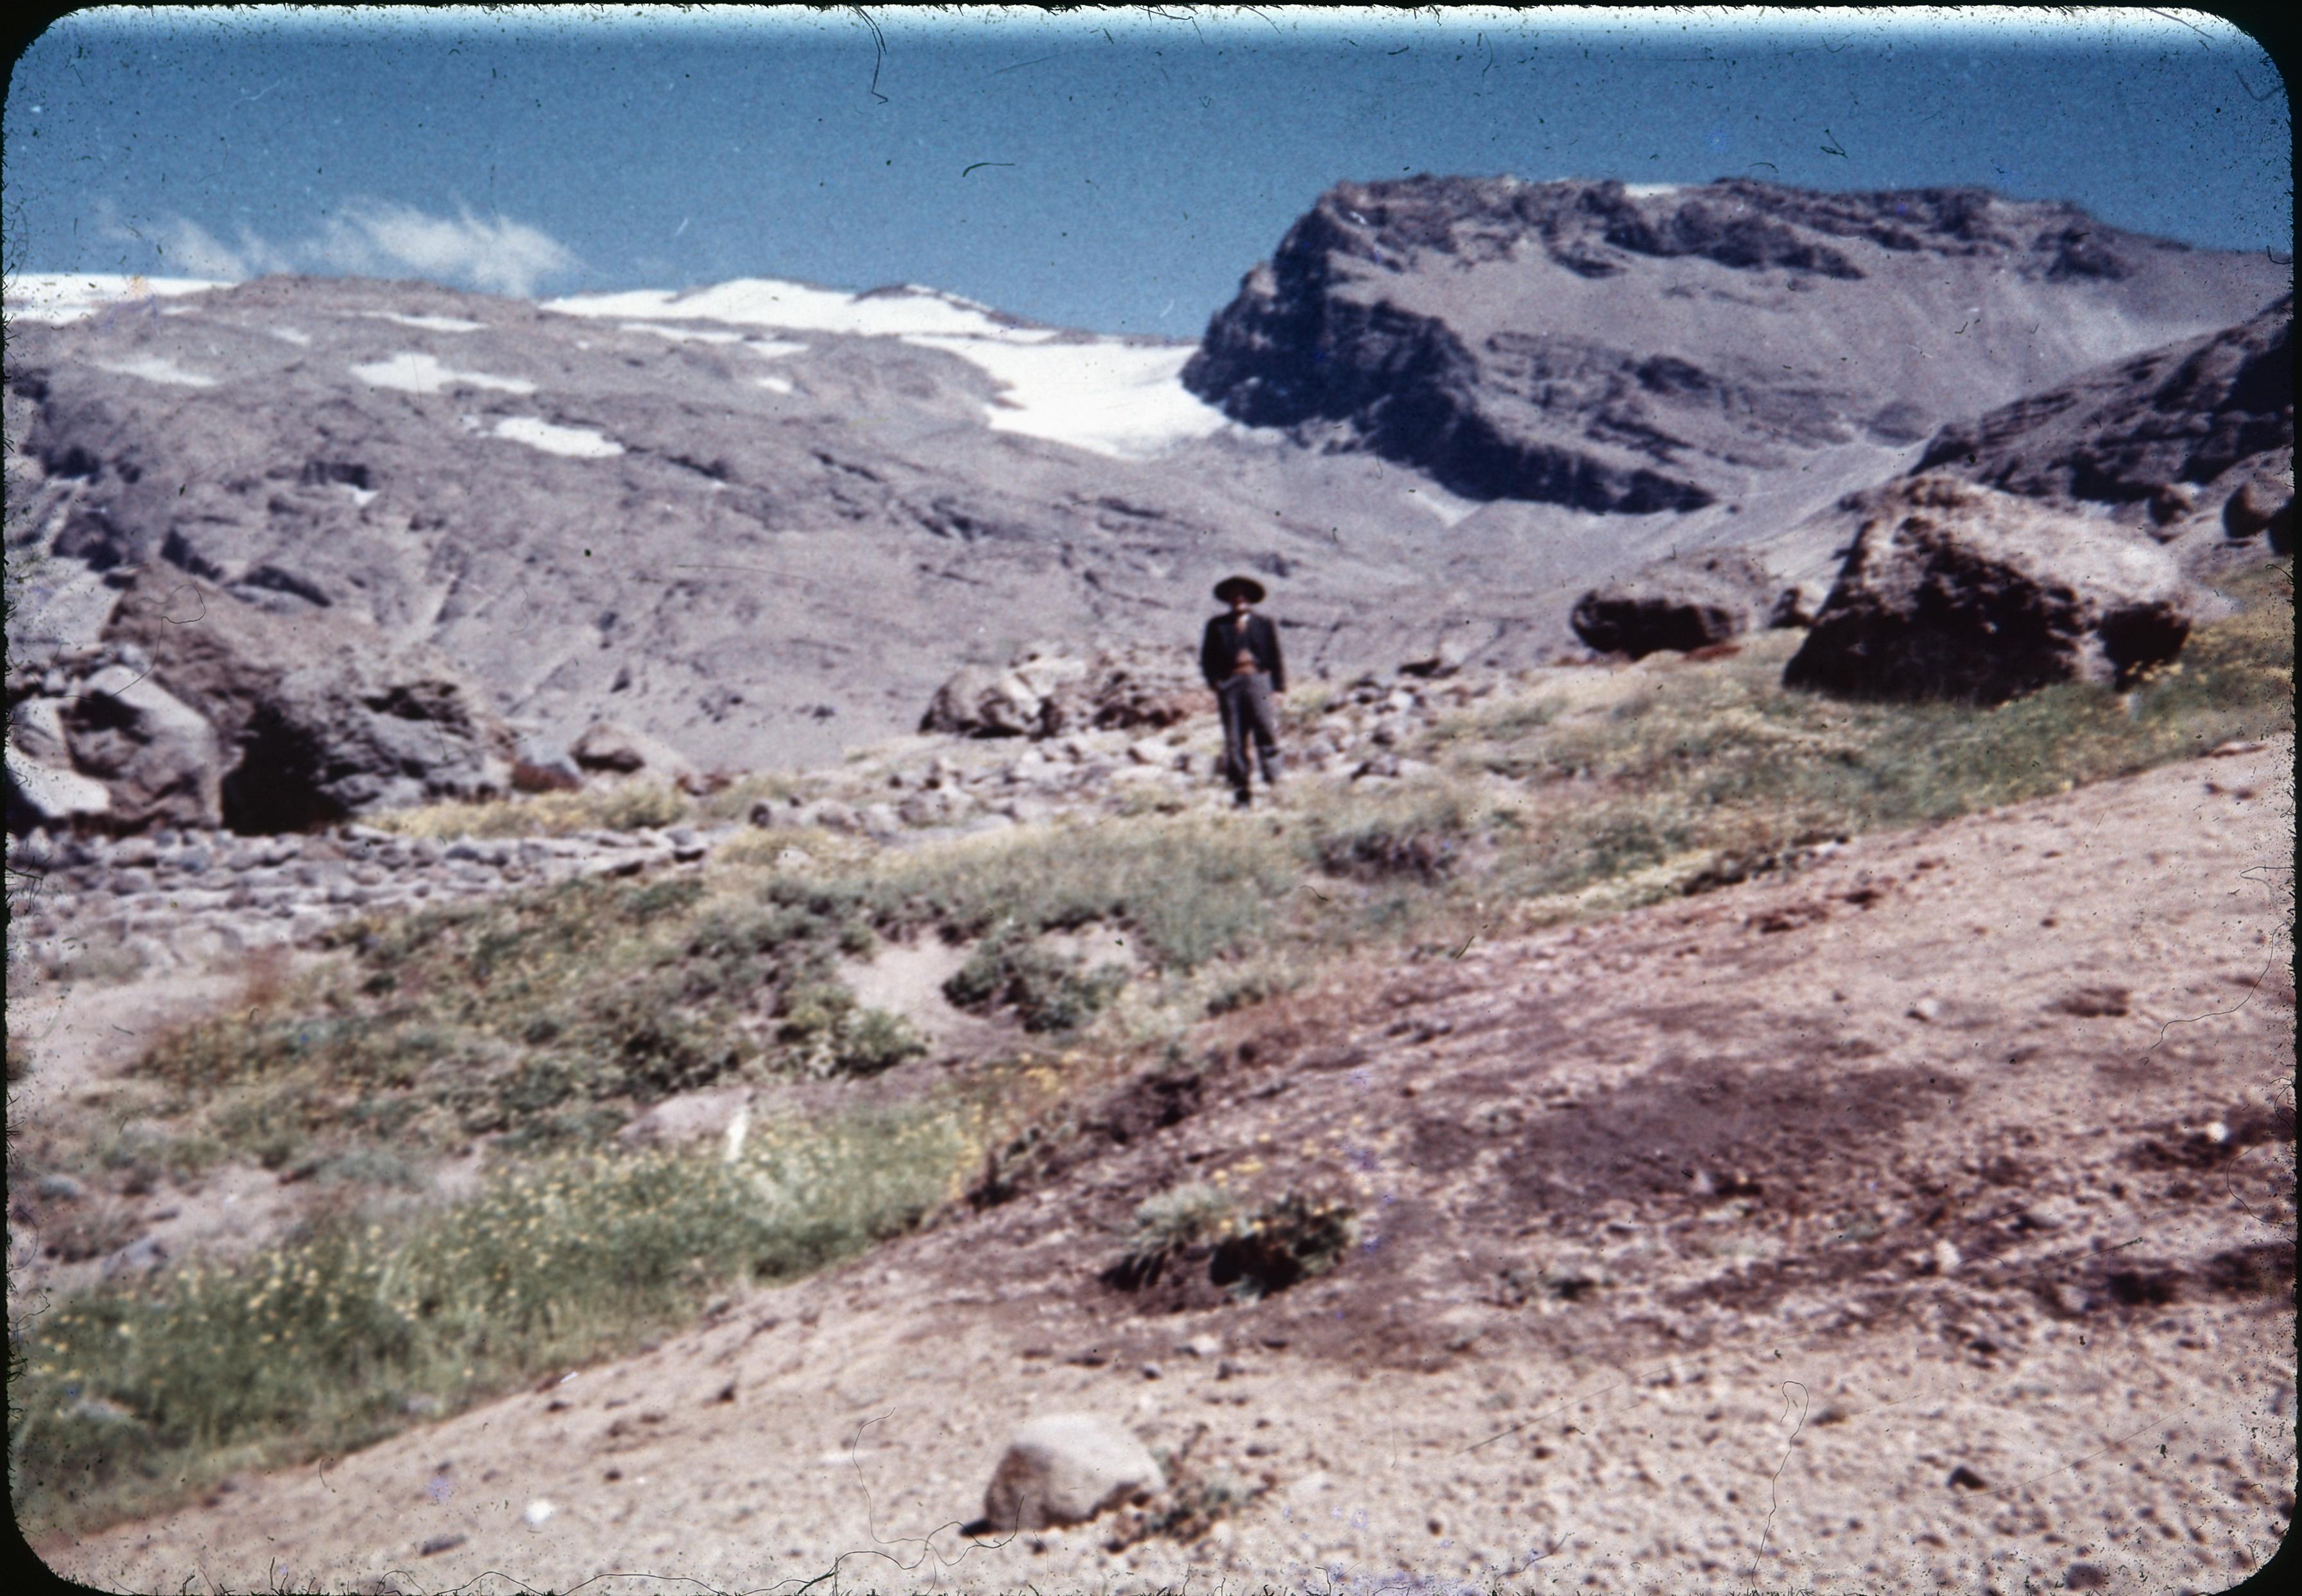 Enterreno - Fotos históricas de chile - fotos antiguas de Chile - Campesino en lugar desconocido